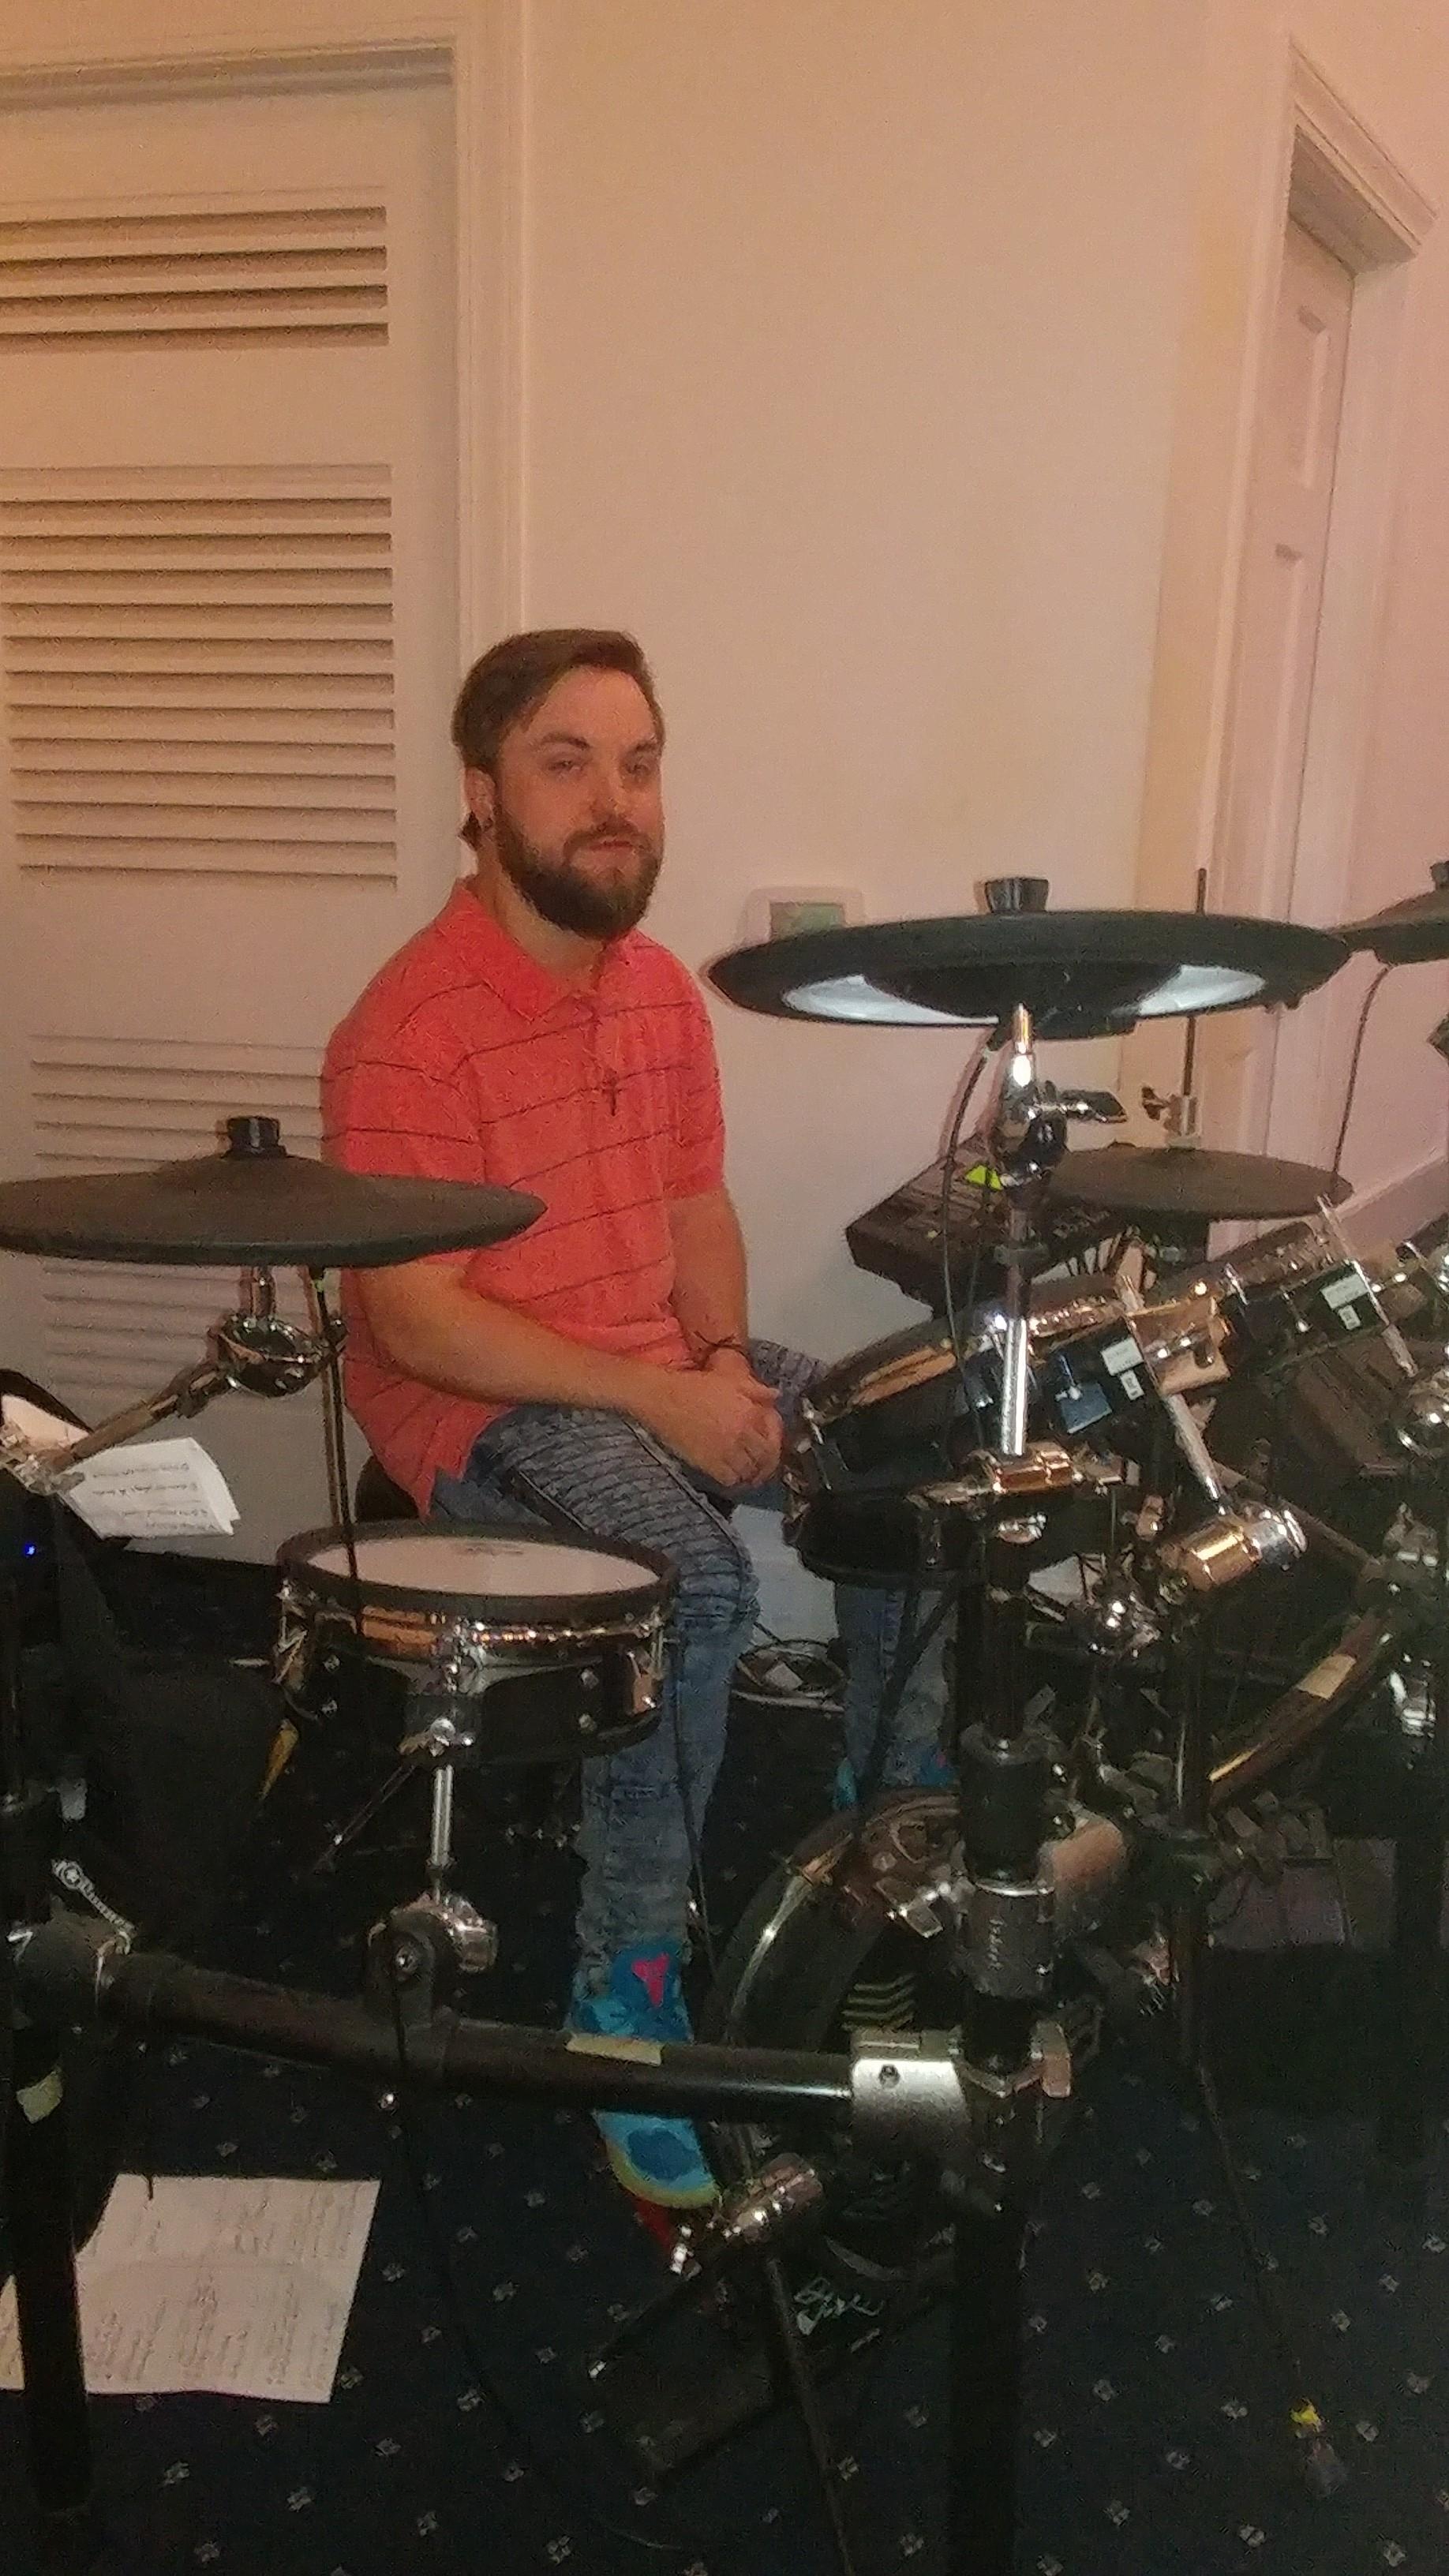 Jon Holmes